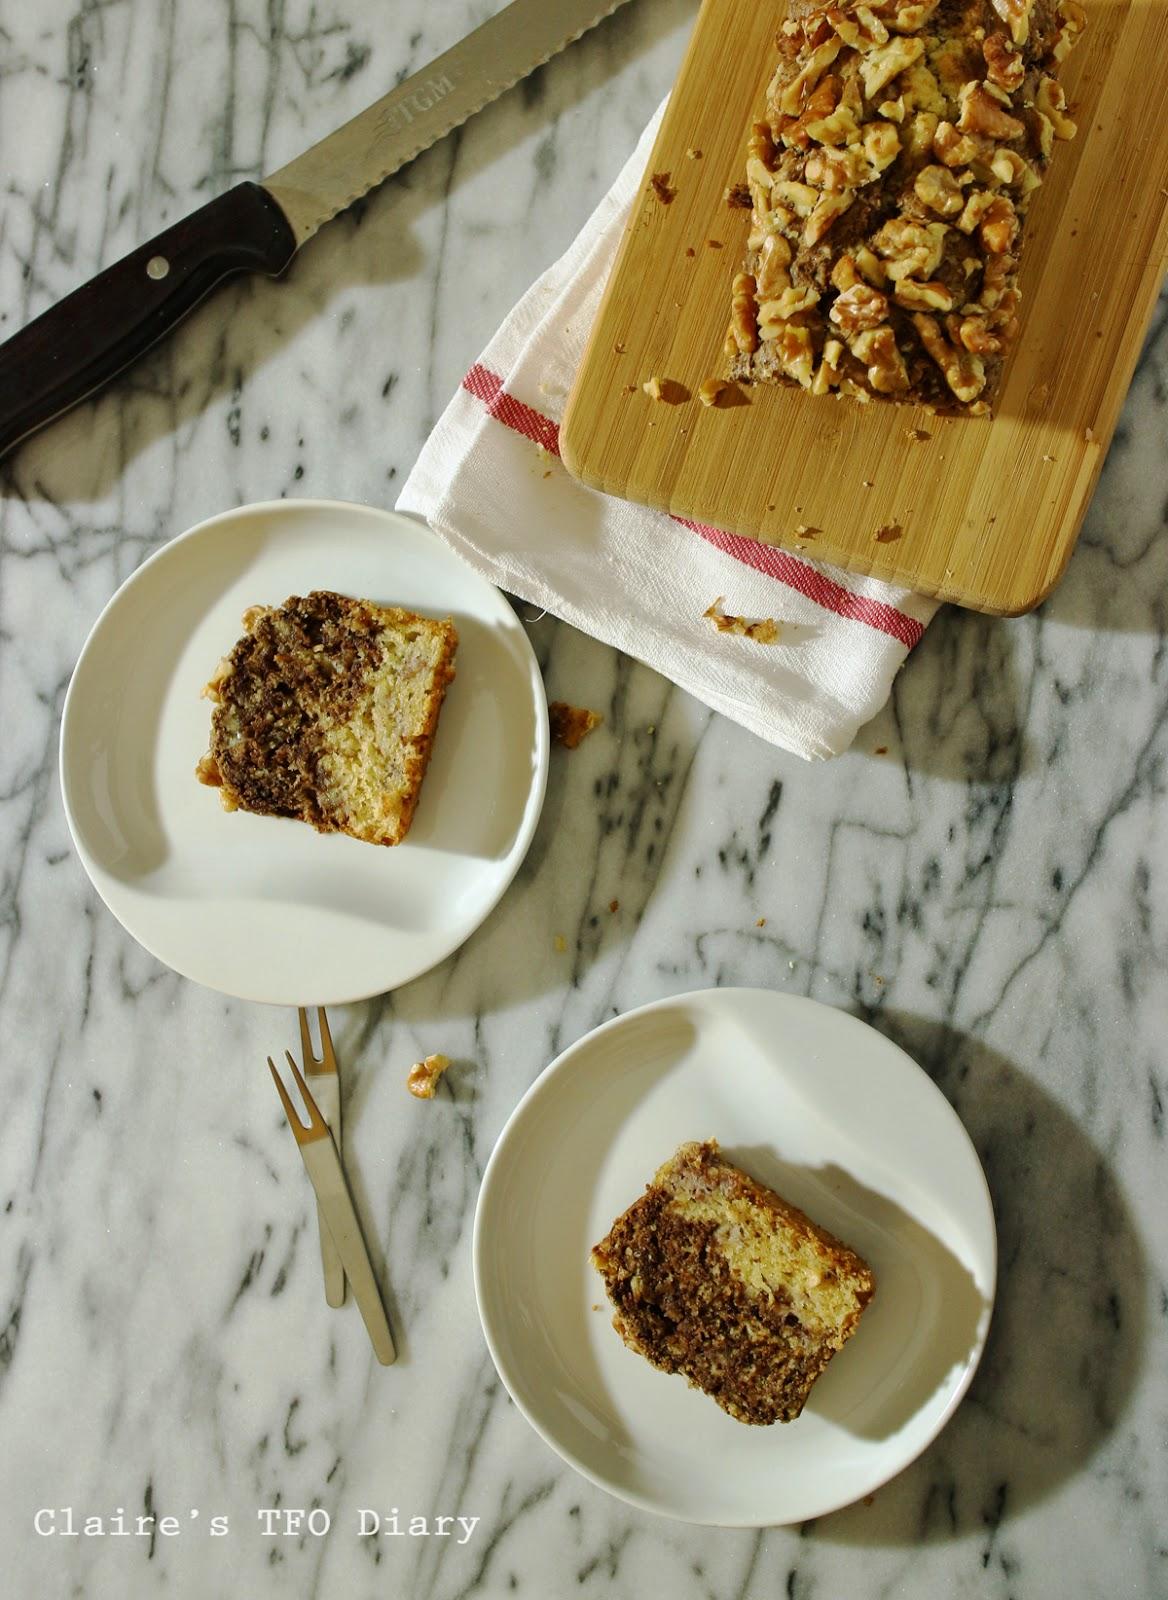 巧克力大理石蛋糕